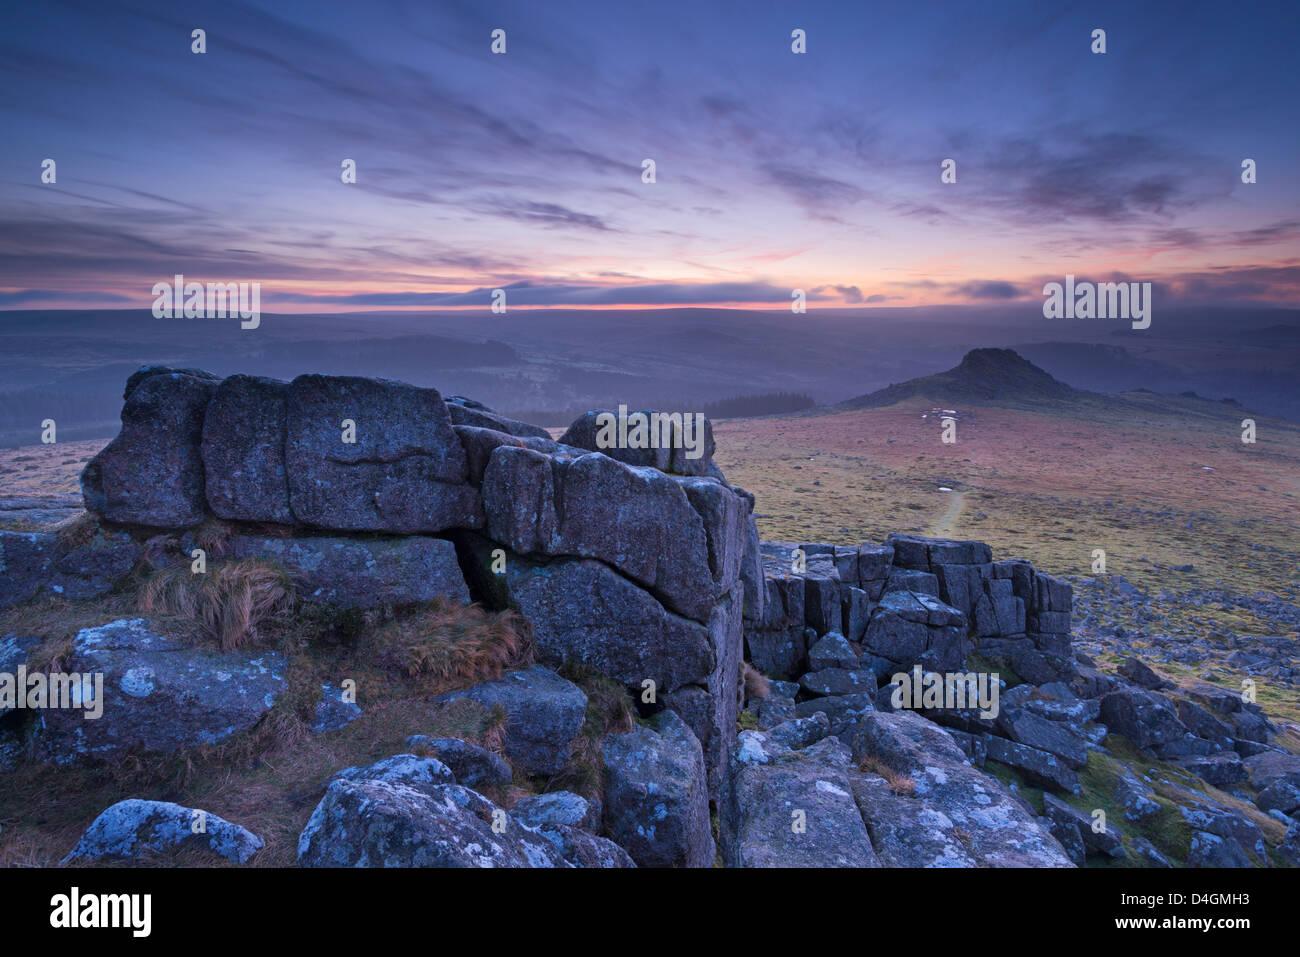 Vista verso la pelle da Tor Sharpitor all'alba, Parco Nazionale di Dartmoor, Devon, Inghilterra. Inverno (febbraio) Immagini Stock